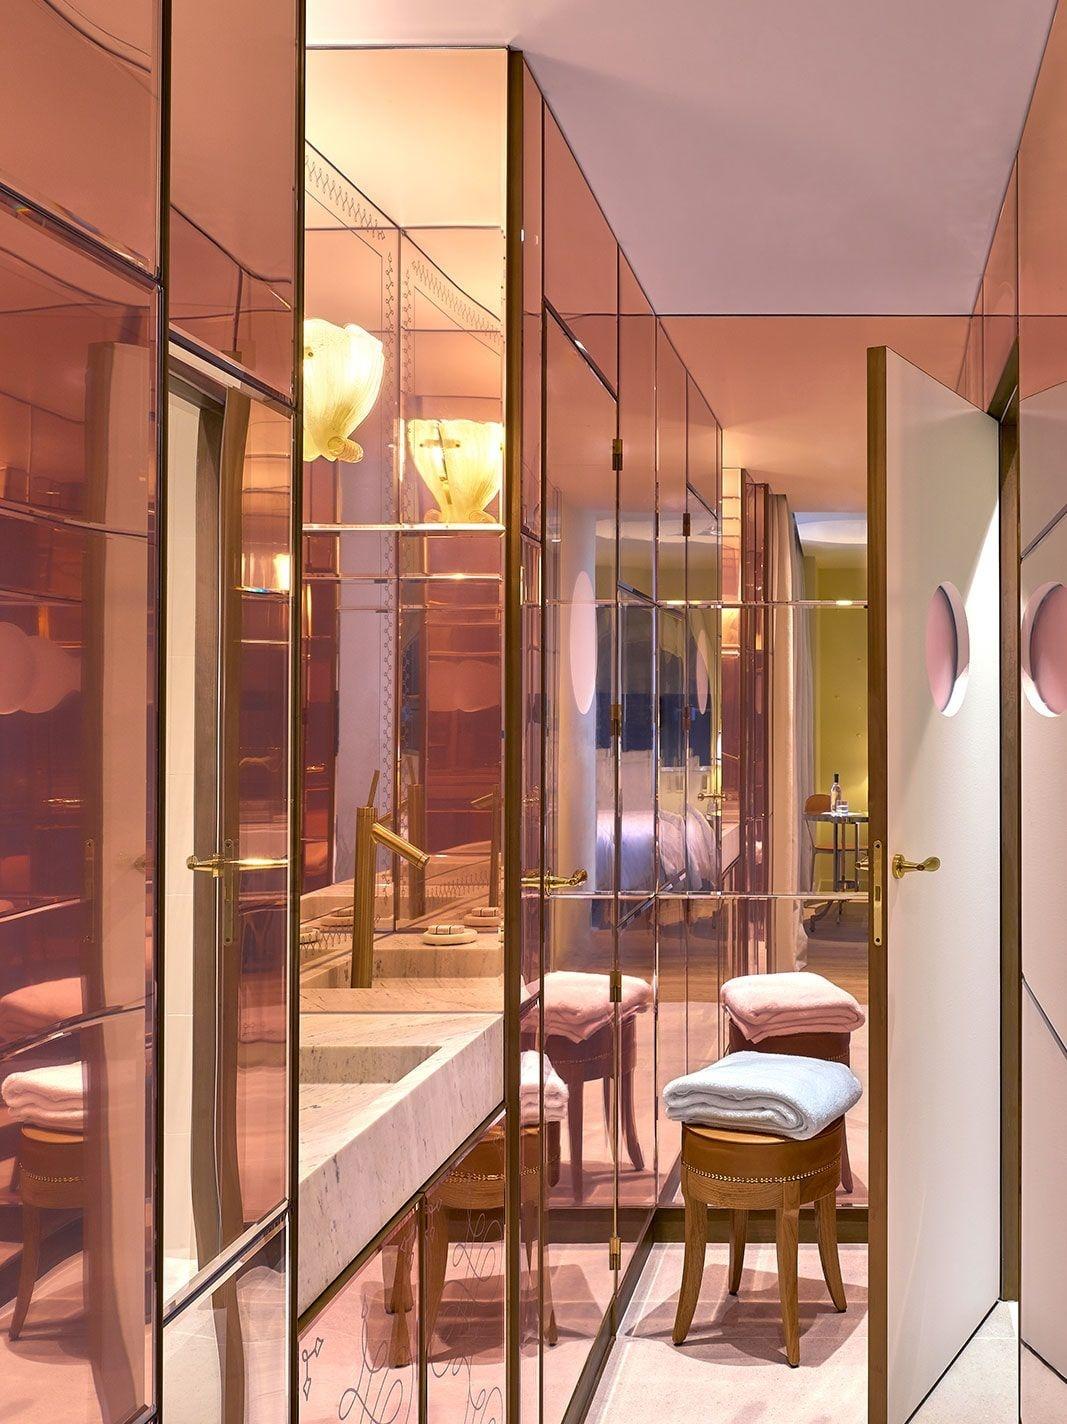 9 Confidentiel: новый проект Филиппа Старка в Париже (галерея 7, фото 25)